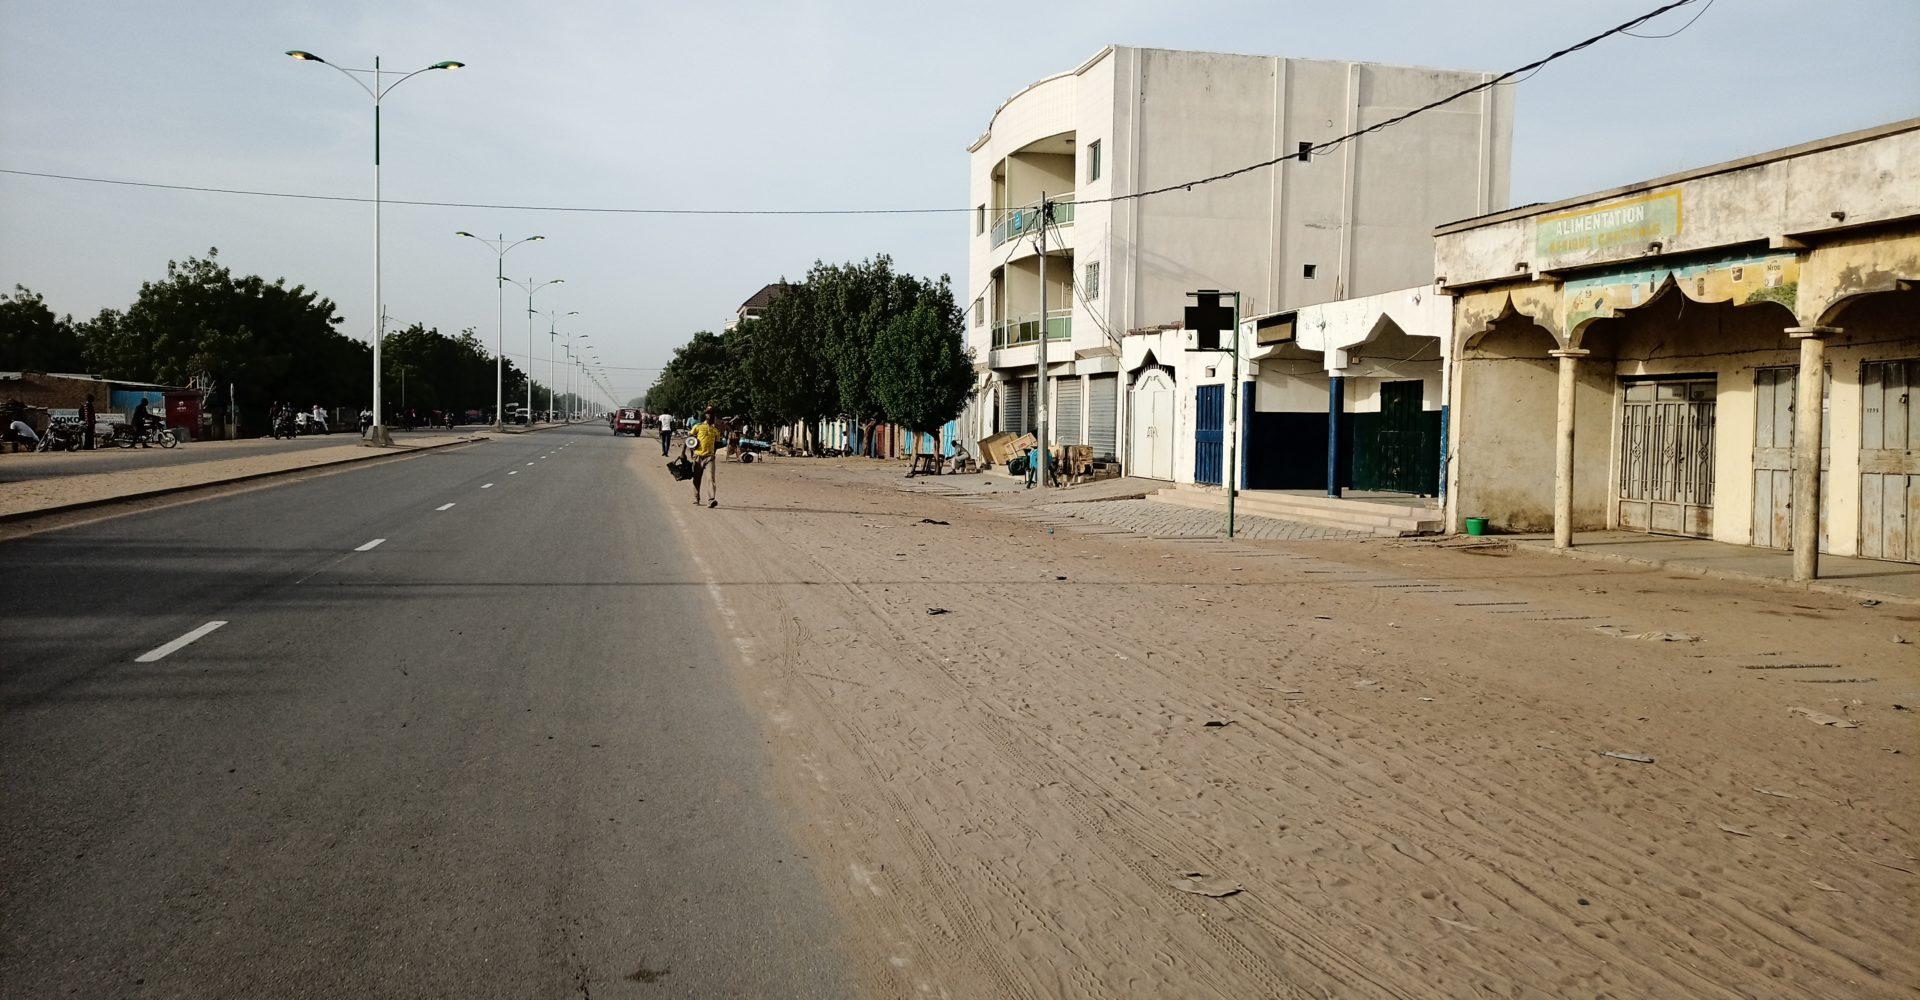 Tchad: une journée ville morte et de deuil national prévue le vendredi 30 avril 1